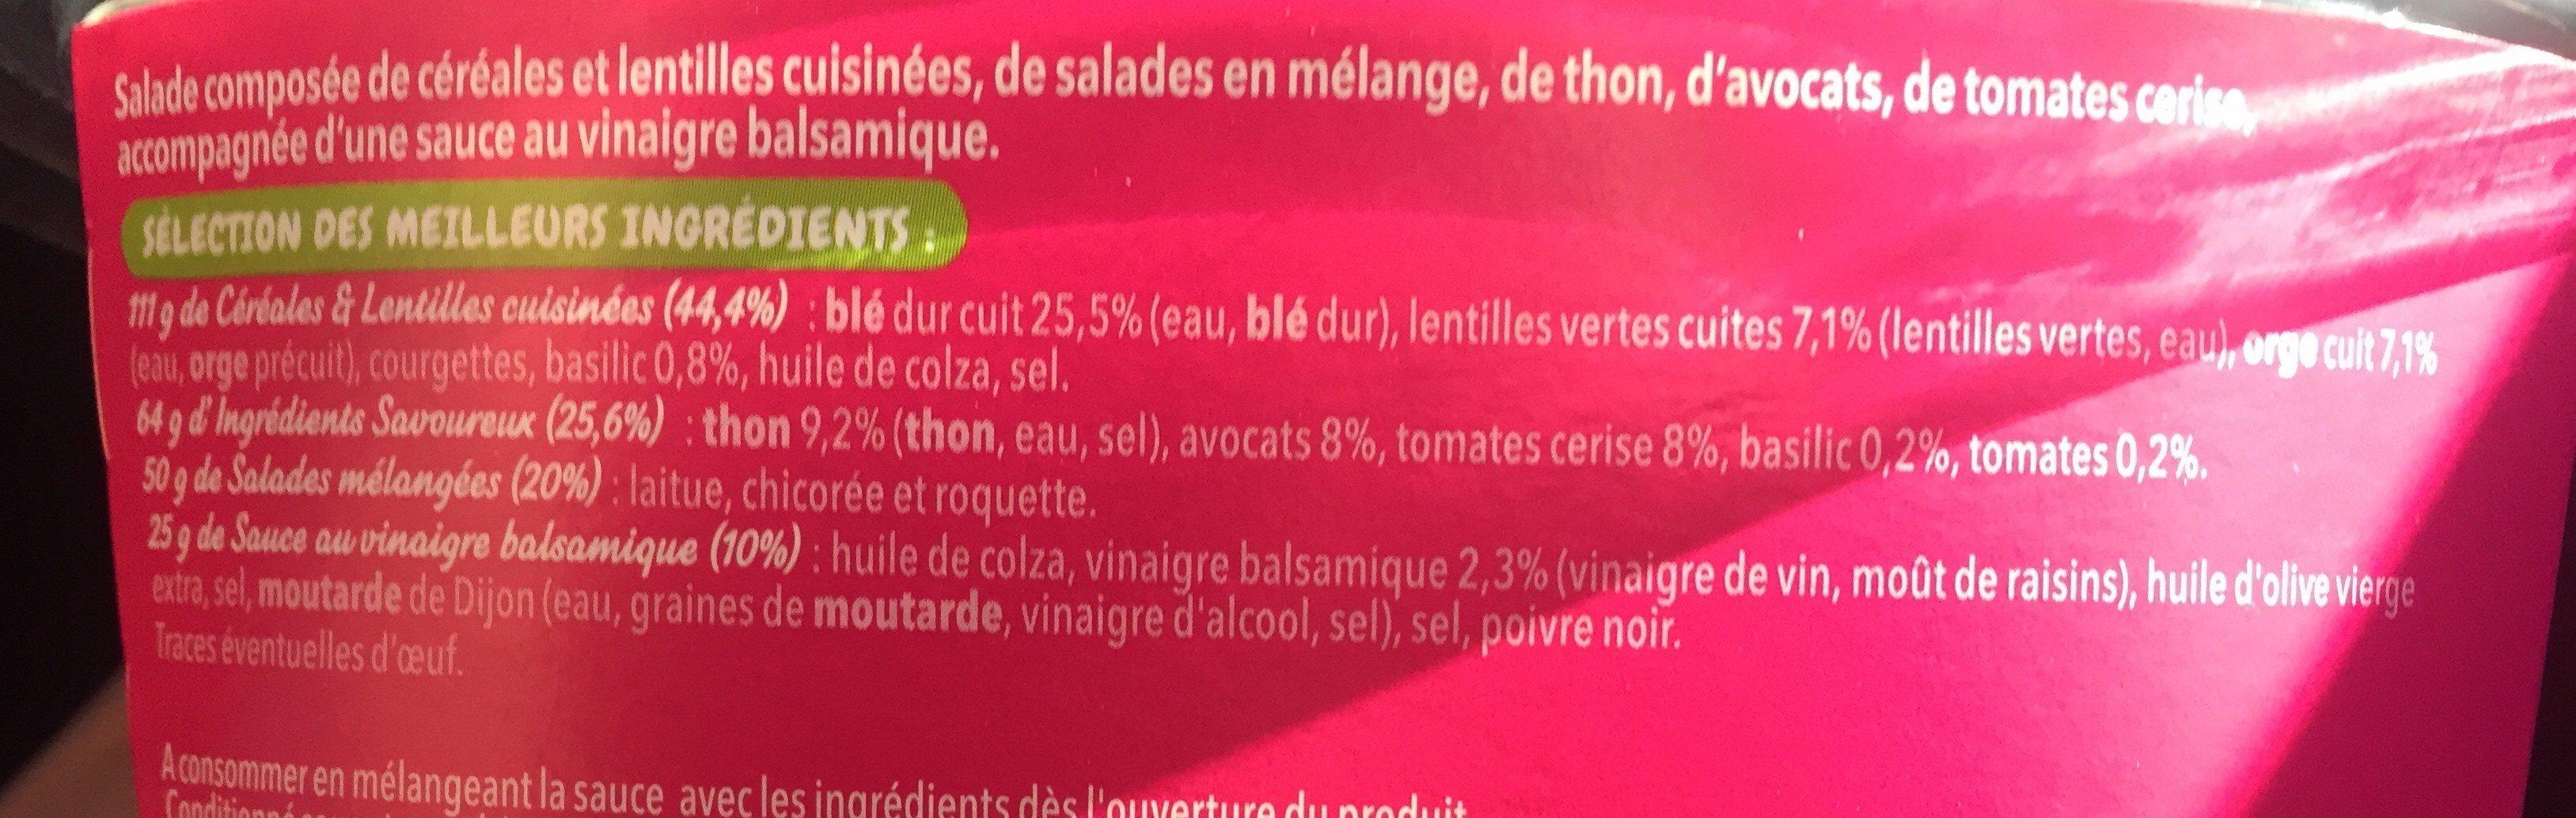 Mix - Salade et céréales Thon  Avocat - Ingredients